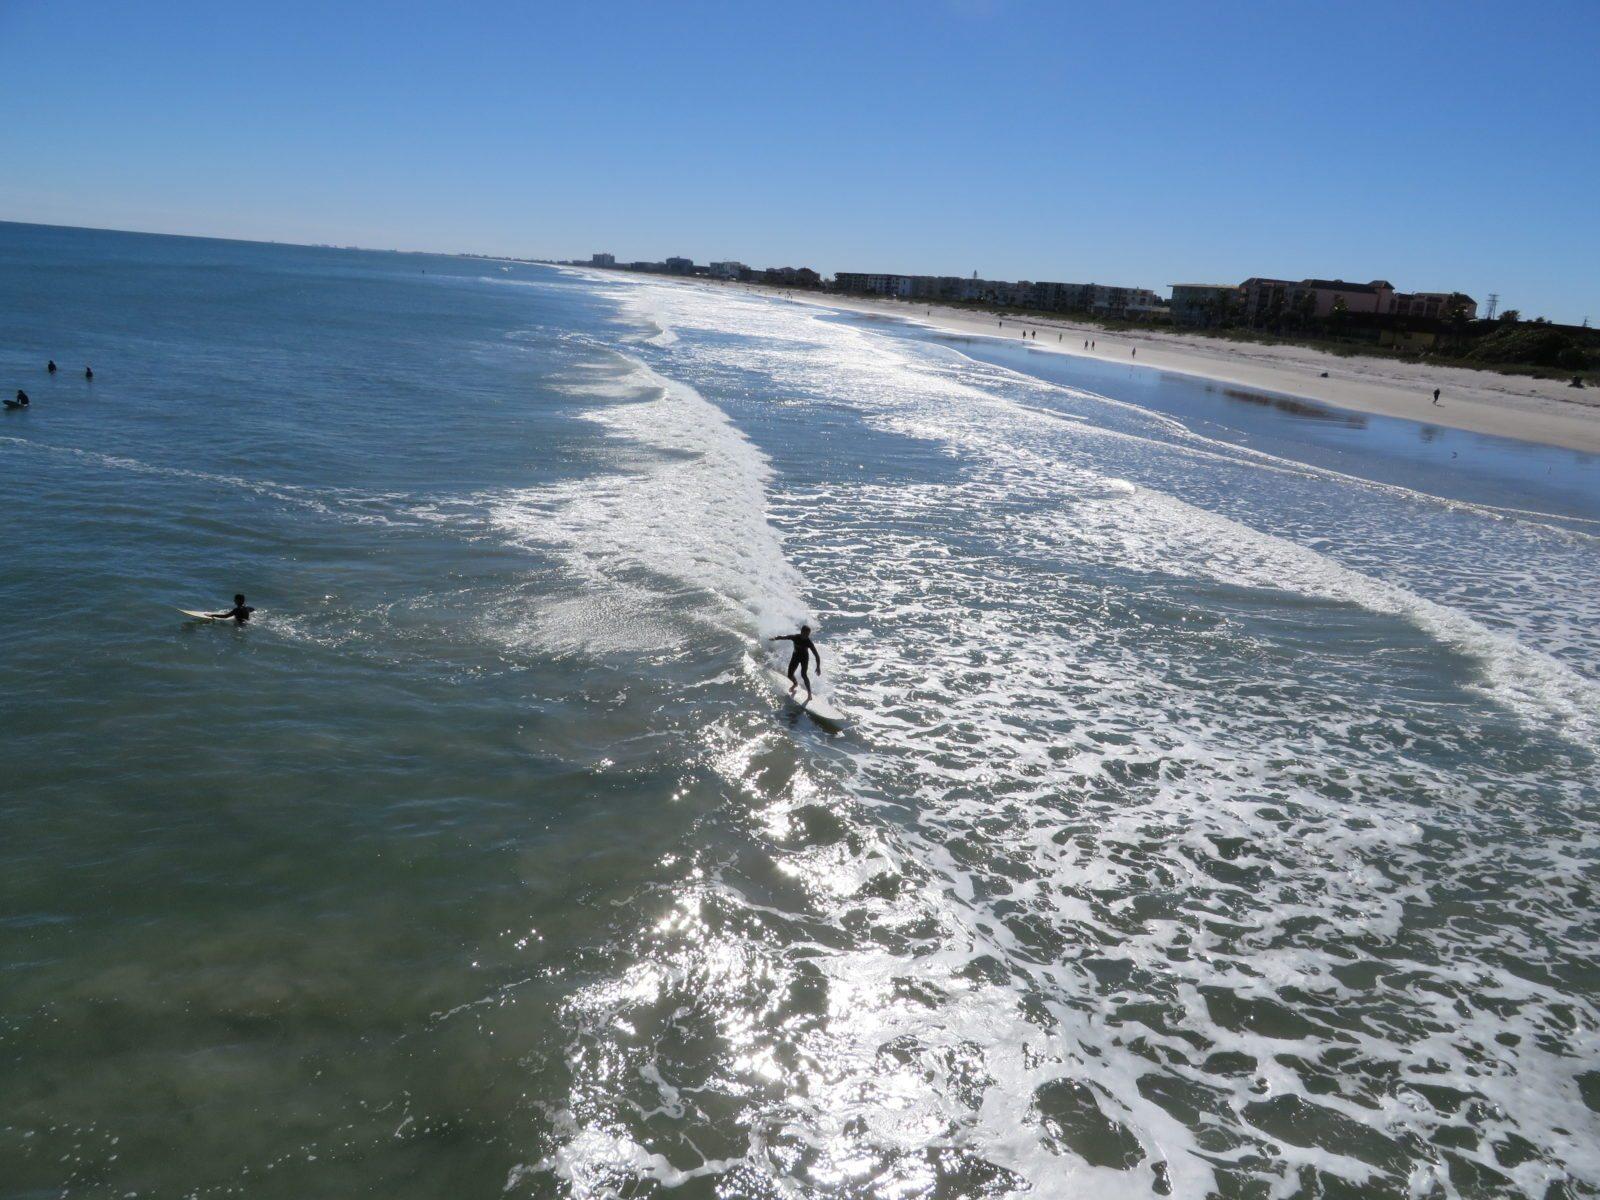 Texas Auto Pros >> Visiter Cocoa Beach - Une journée à Cocoa Beach, la ville ...